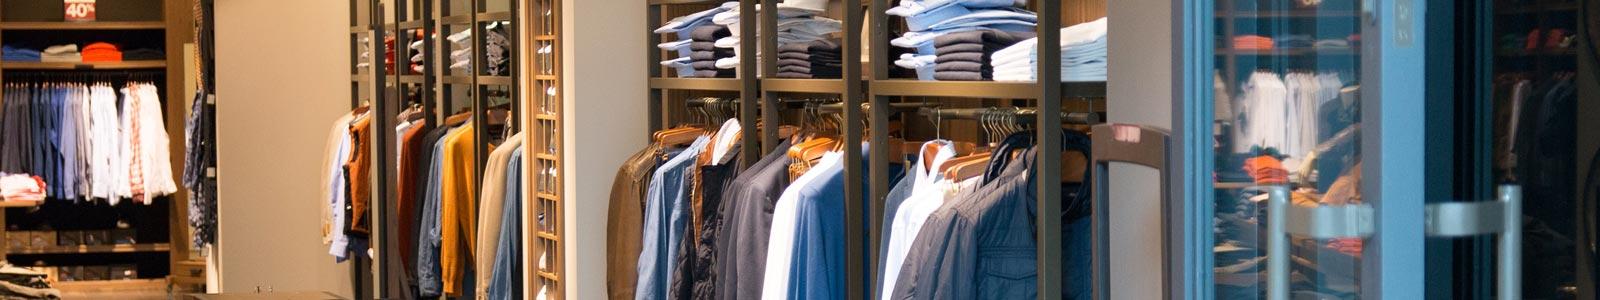 Landingpage Zielgruppe Ladenausstattung Einzelhandel